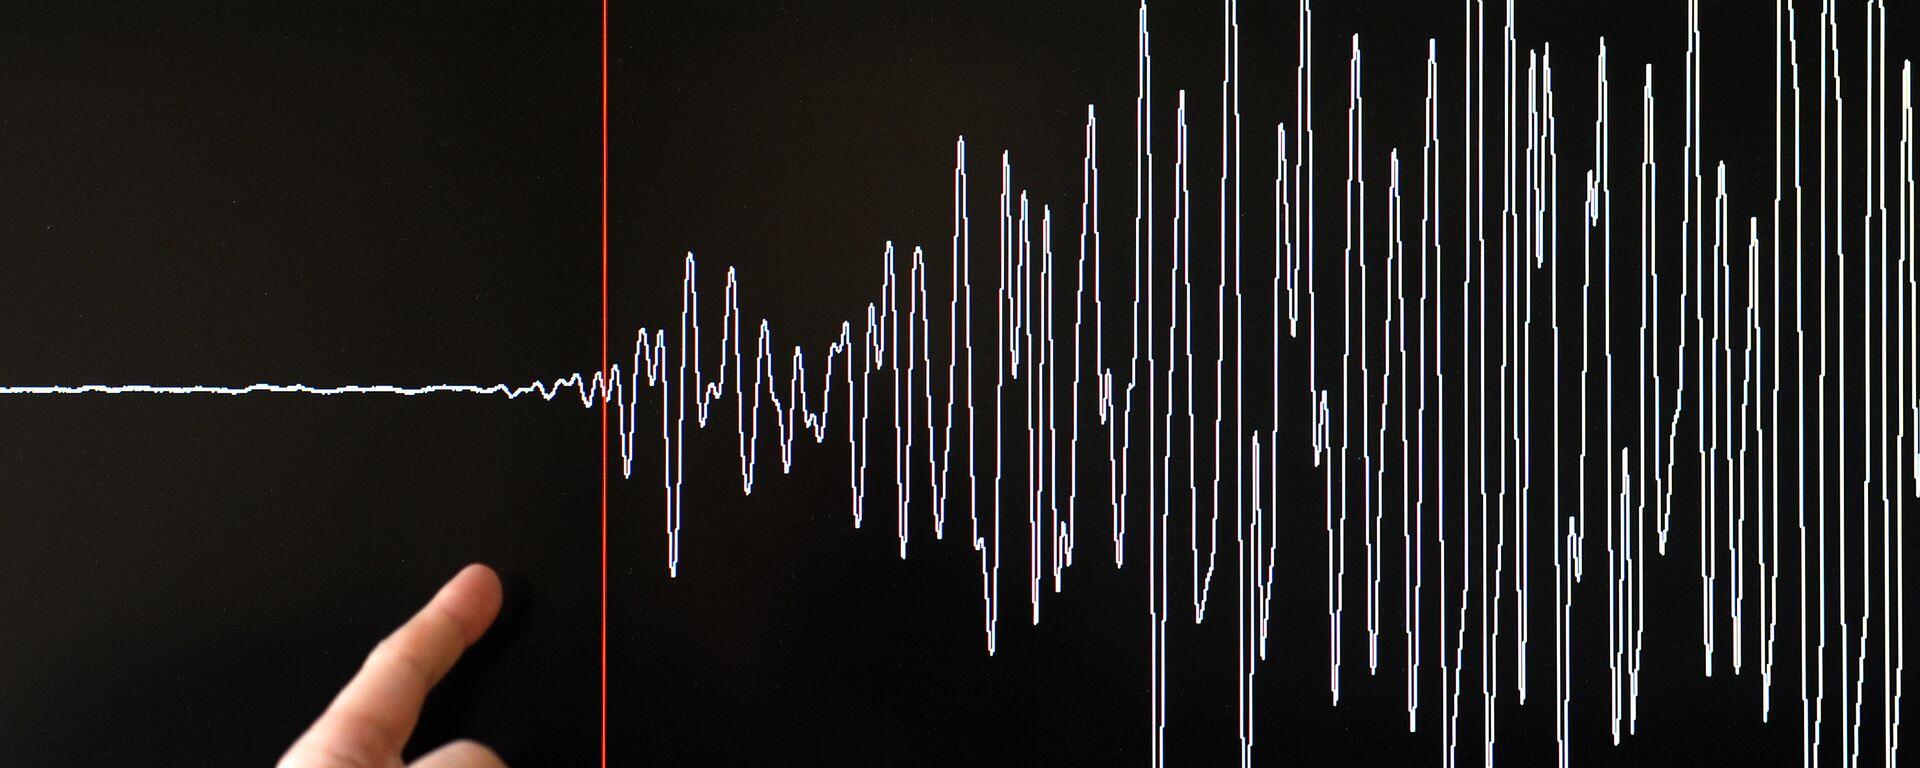 Terremoto - Sputnik Mundo, 1920, 21.07.2021